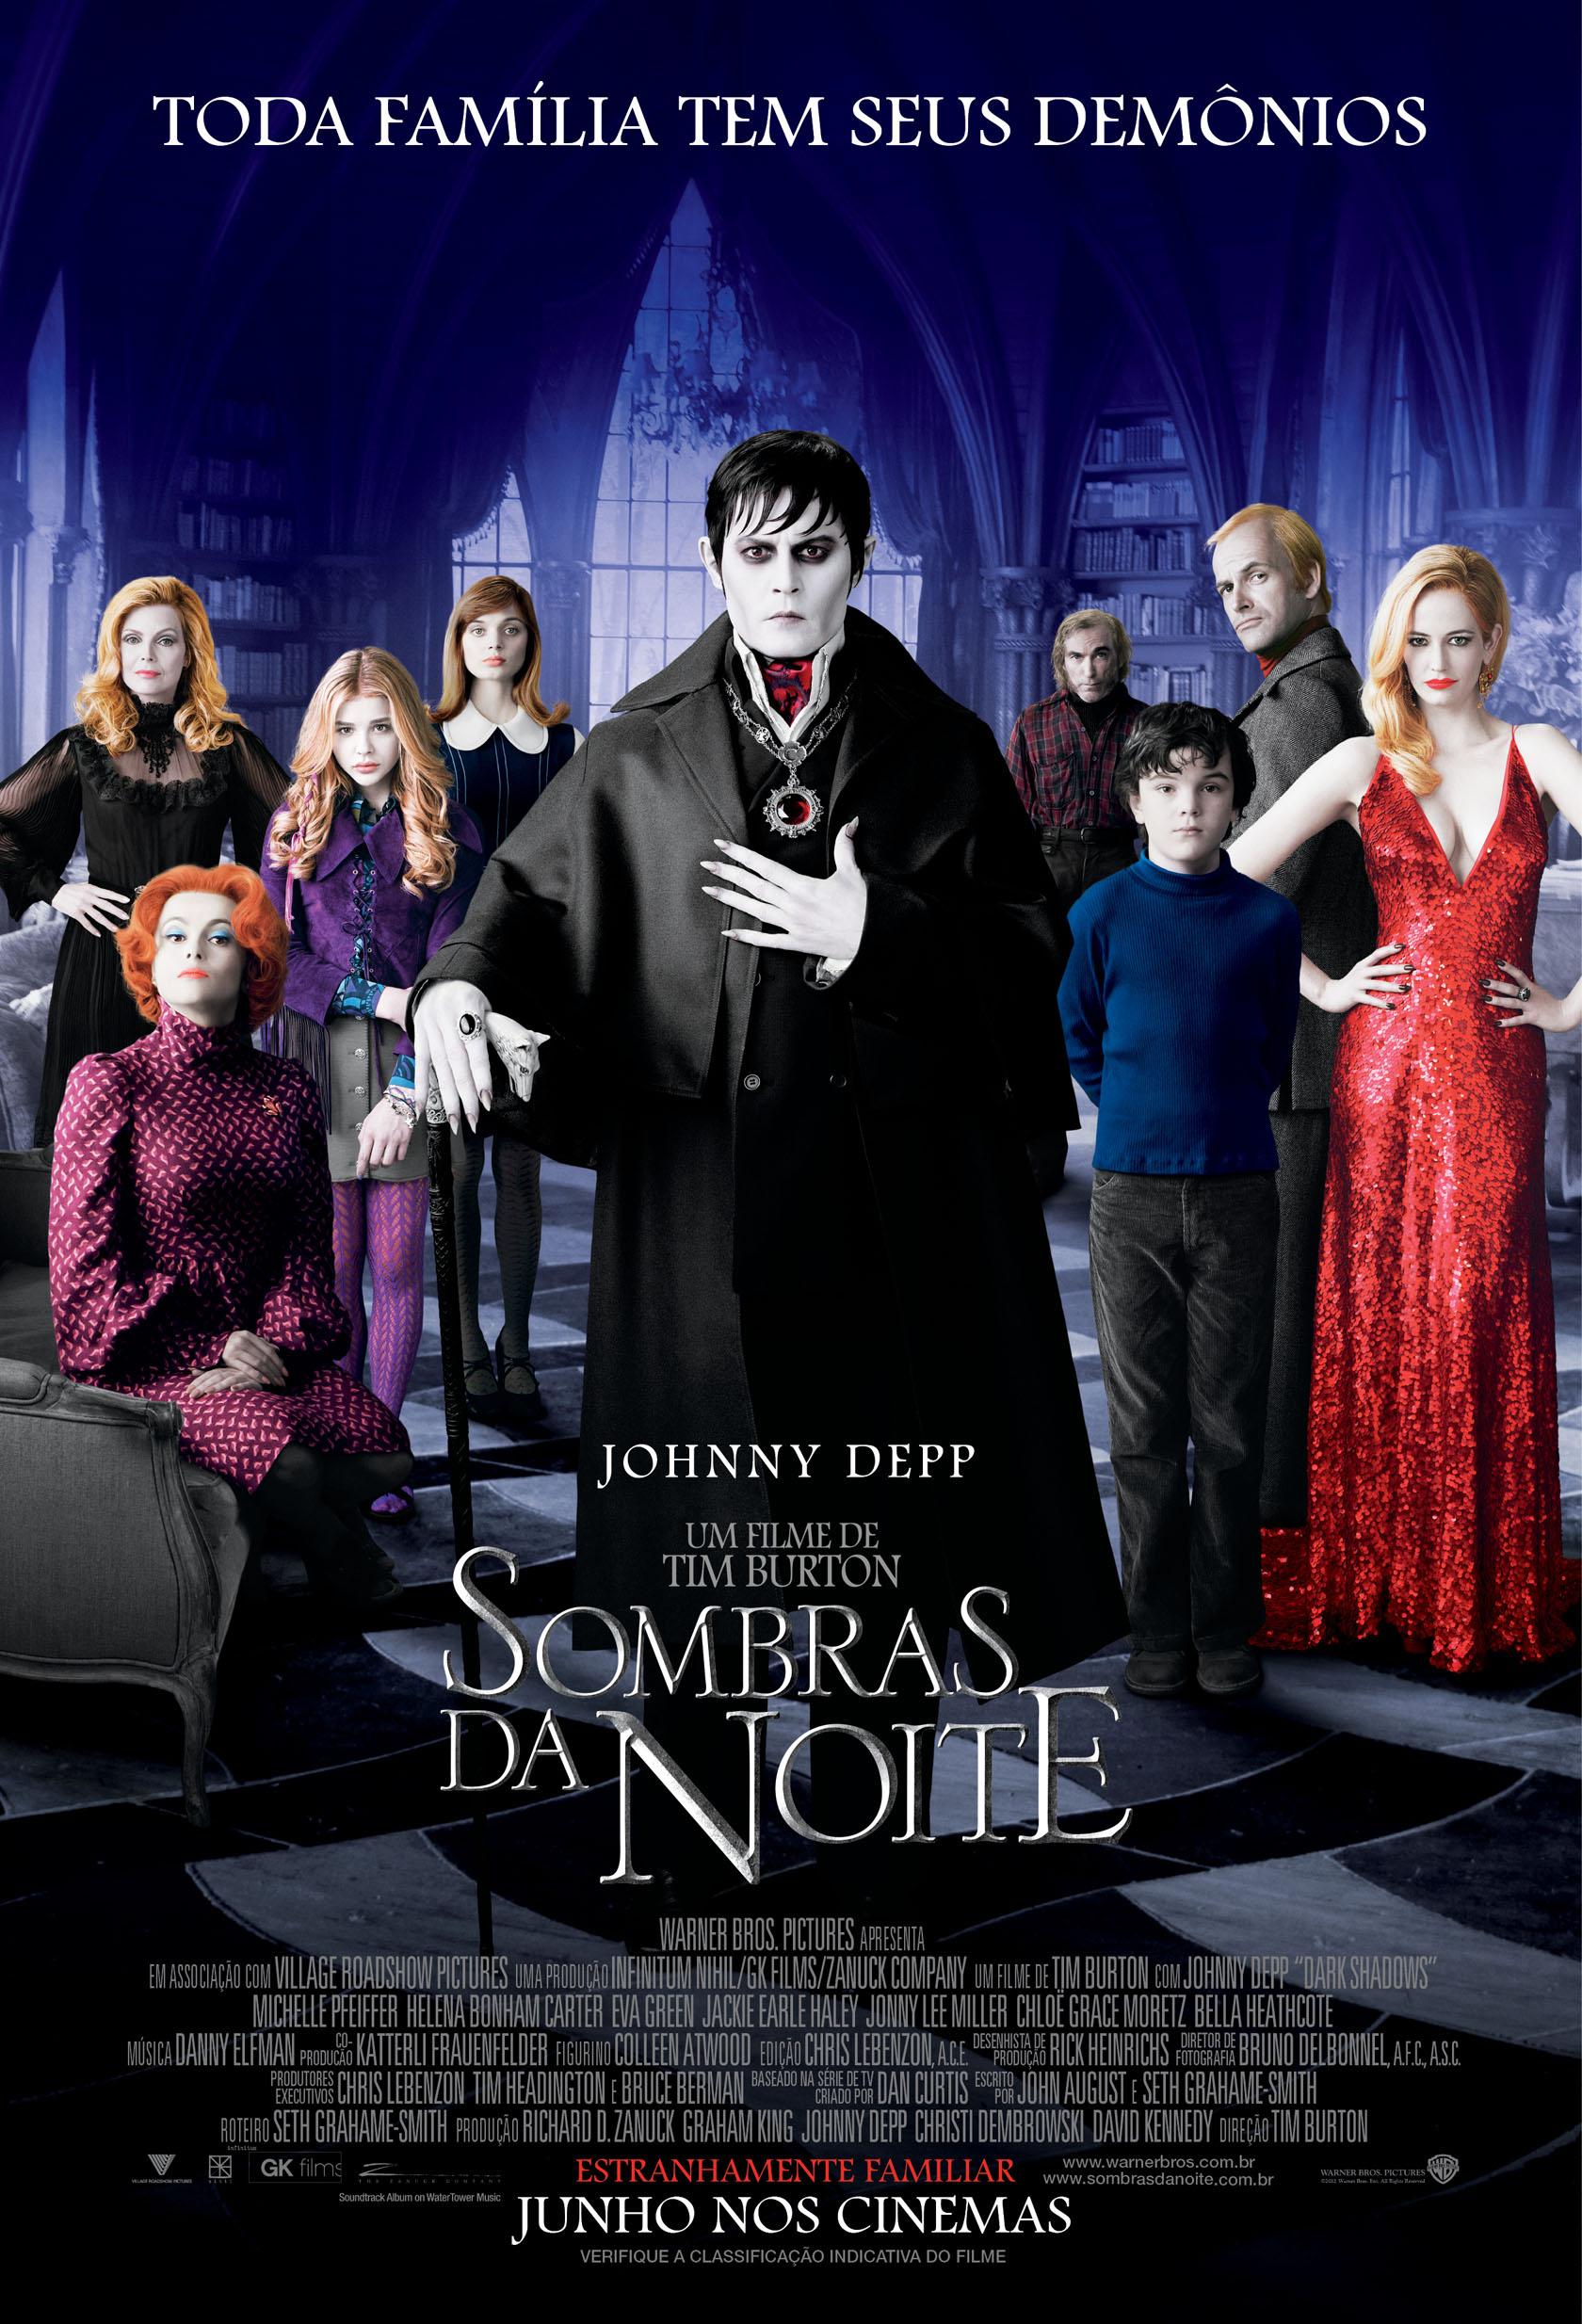 Sombras da Noite - Filme 2012 - AdoroCinema